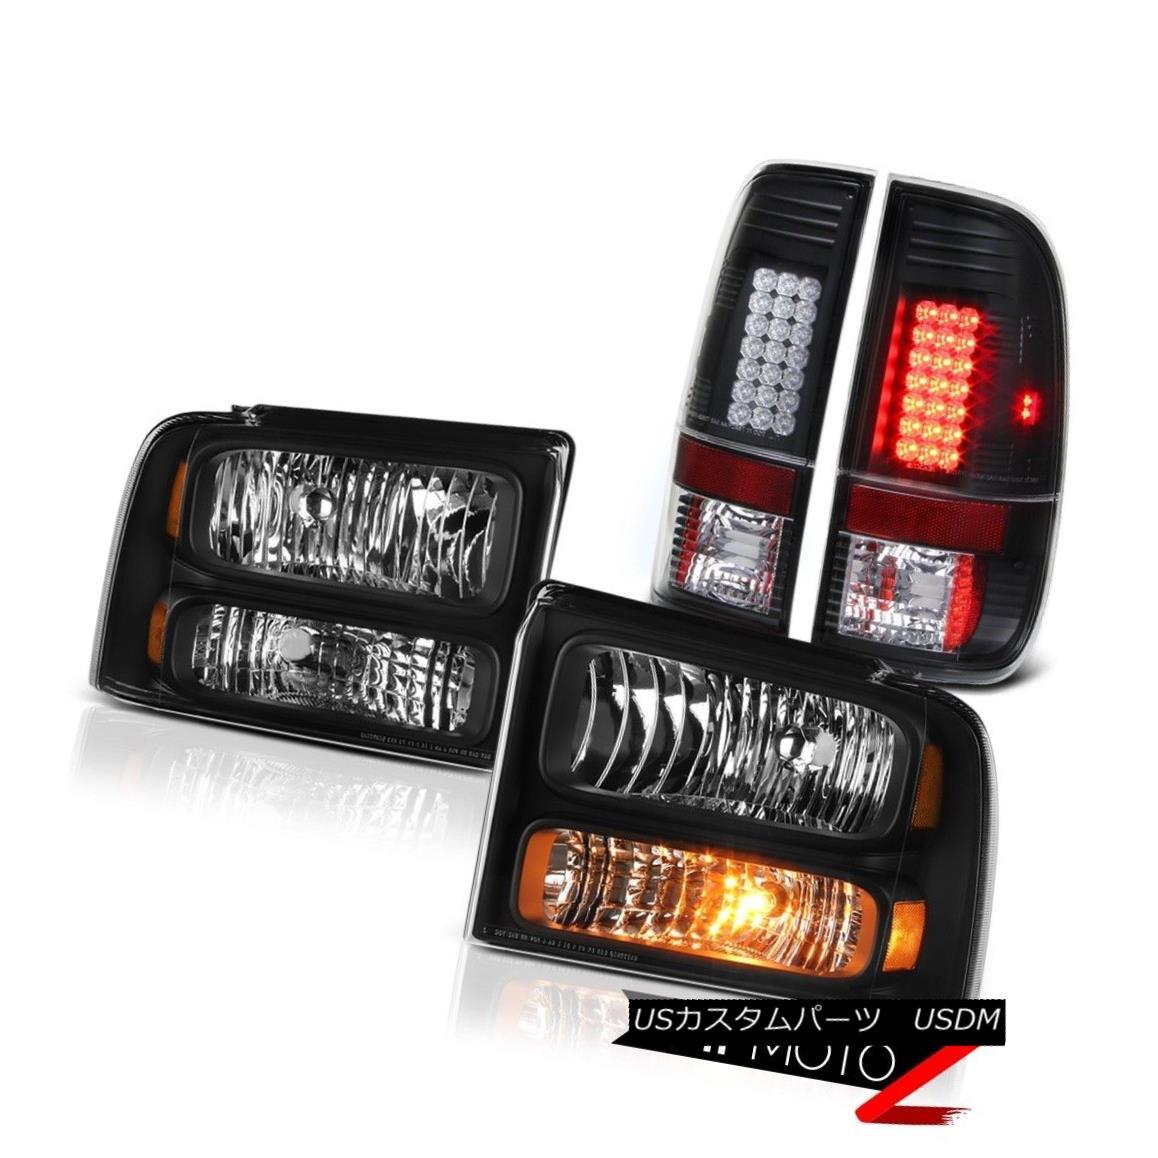 ヘッドライト Left Right Headlights SMD Tail Lights Black 2005 2006 2007 Ford F350 Amarillo 左のライトヘッドライトSMDテールライトブラック2005 2006 2007 Ford F350 Amarillo